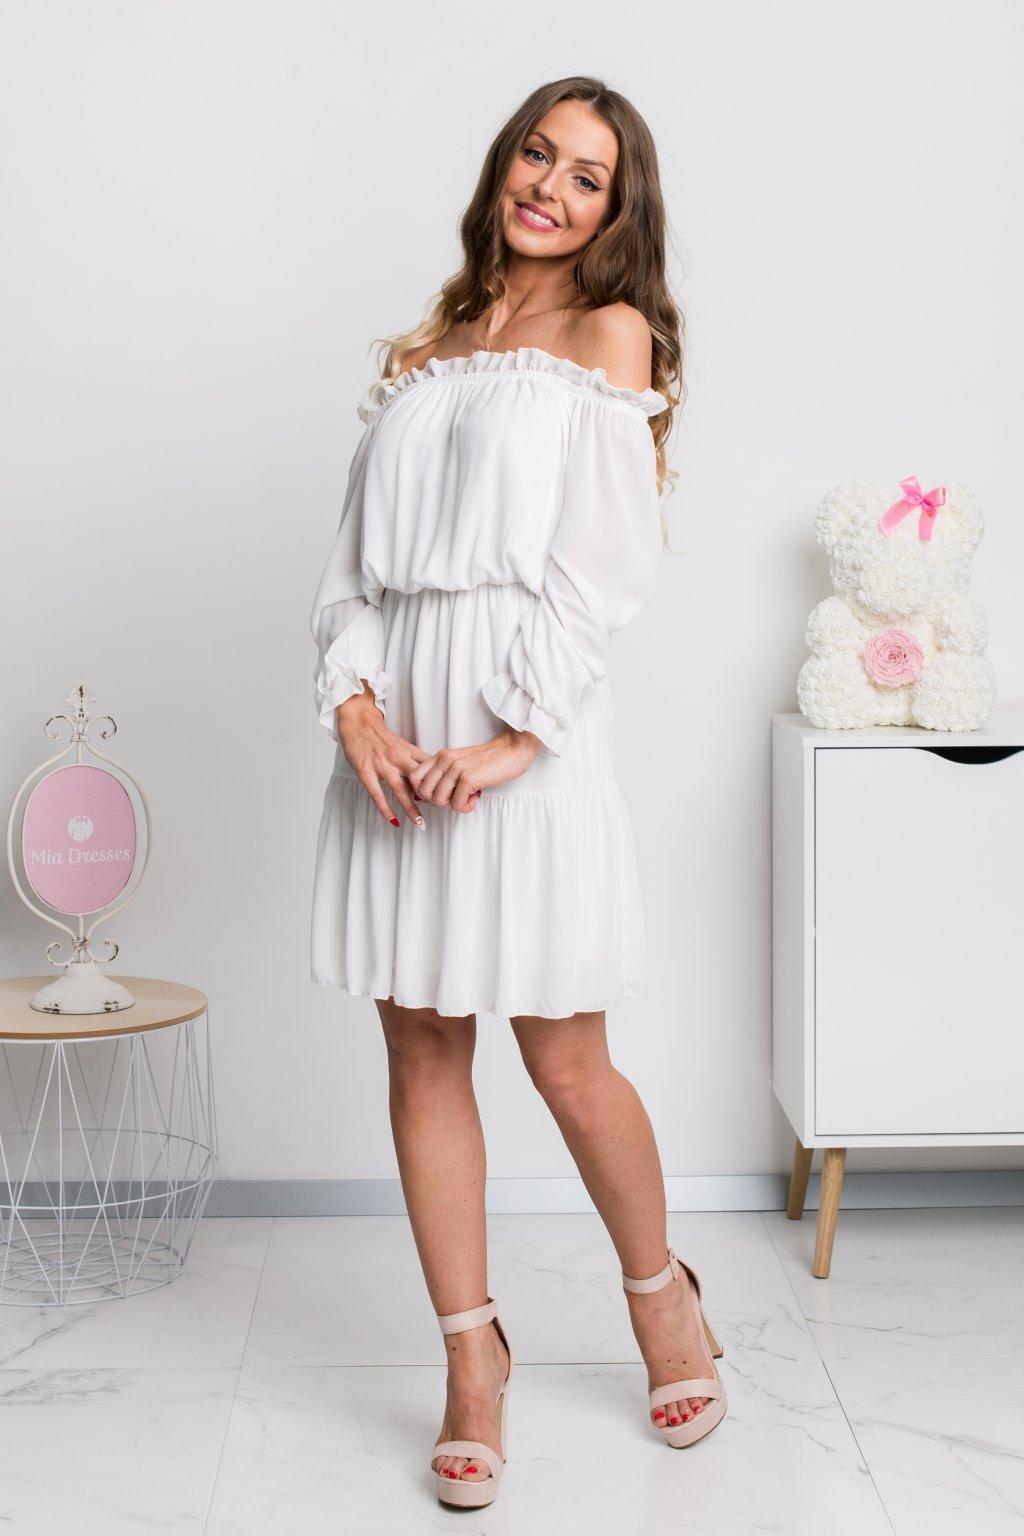 Biele krátke šaty spustené na ramená